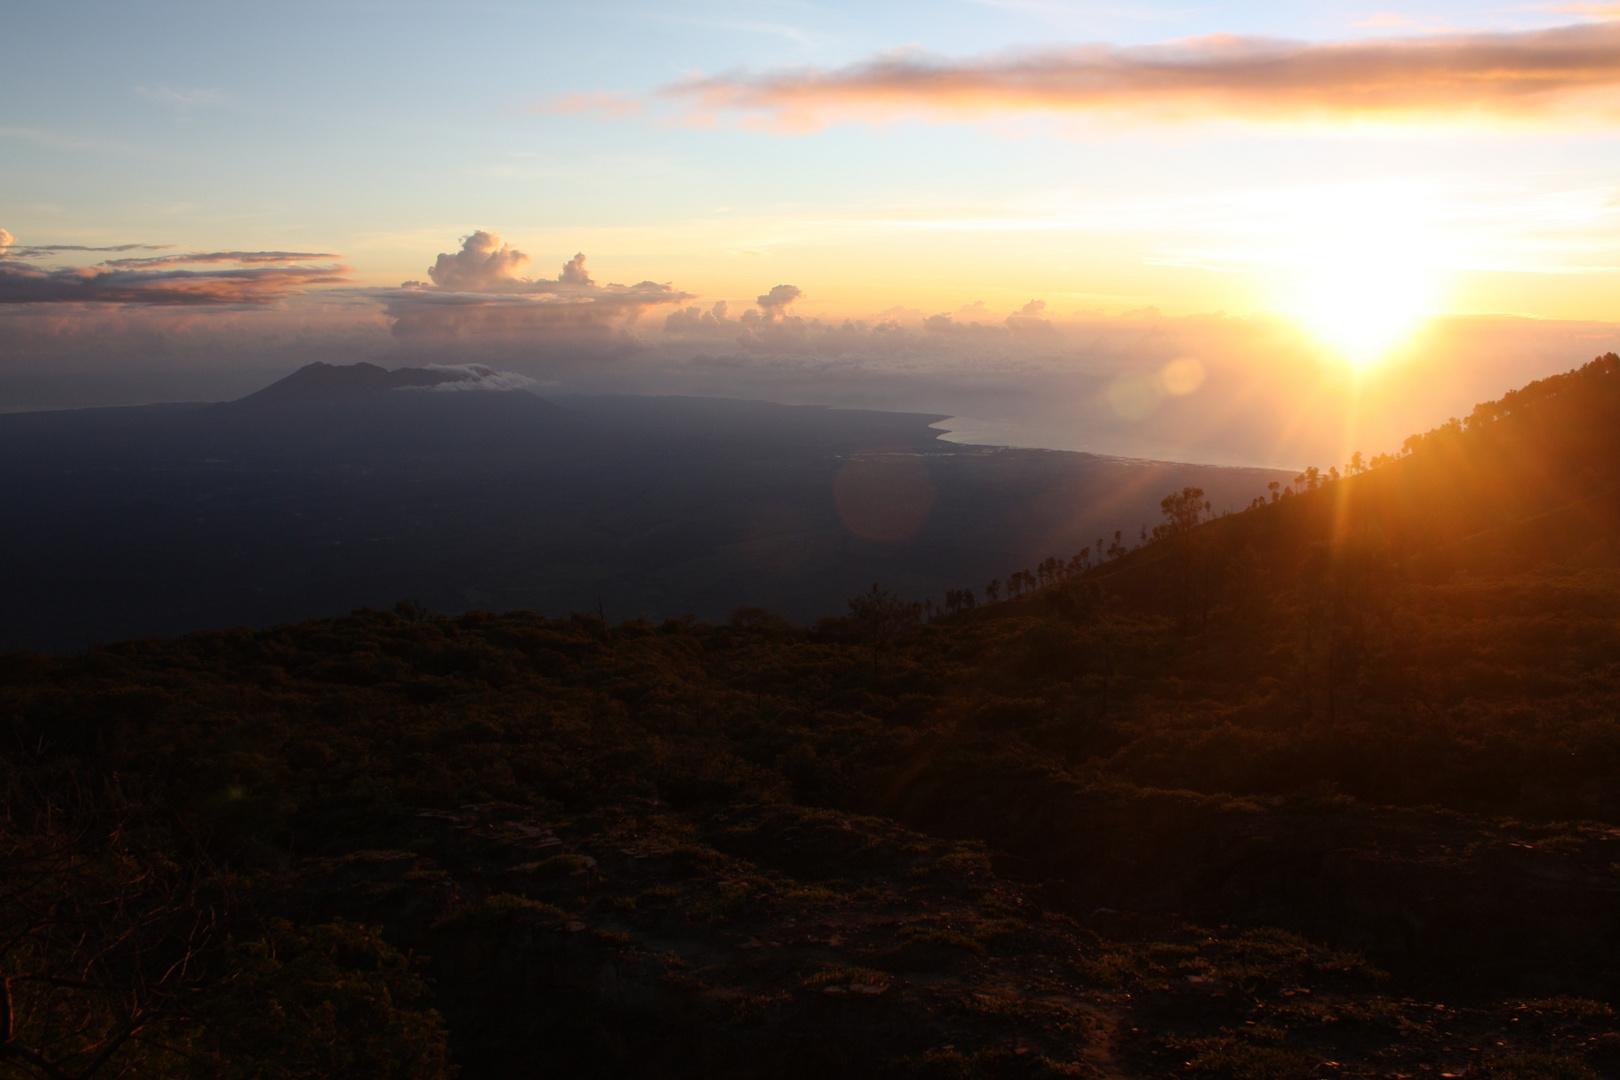 Sunrise at Kawah Ijen (no editing)